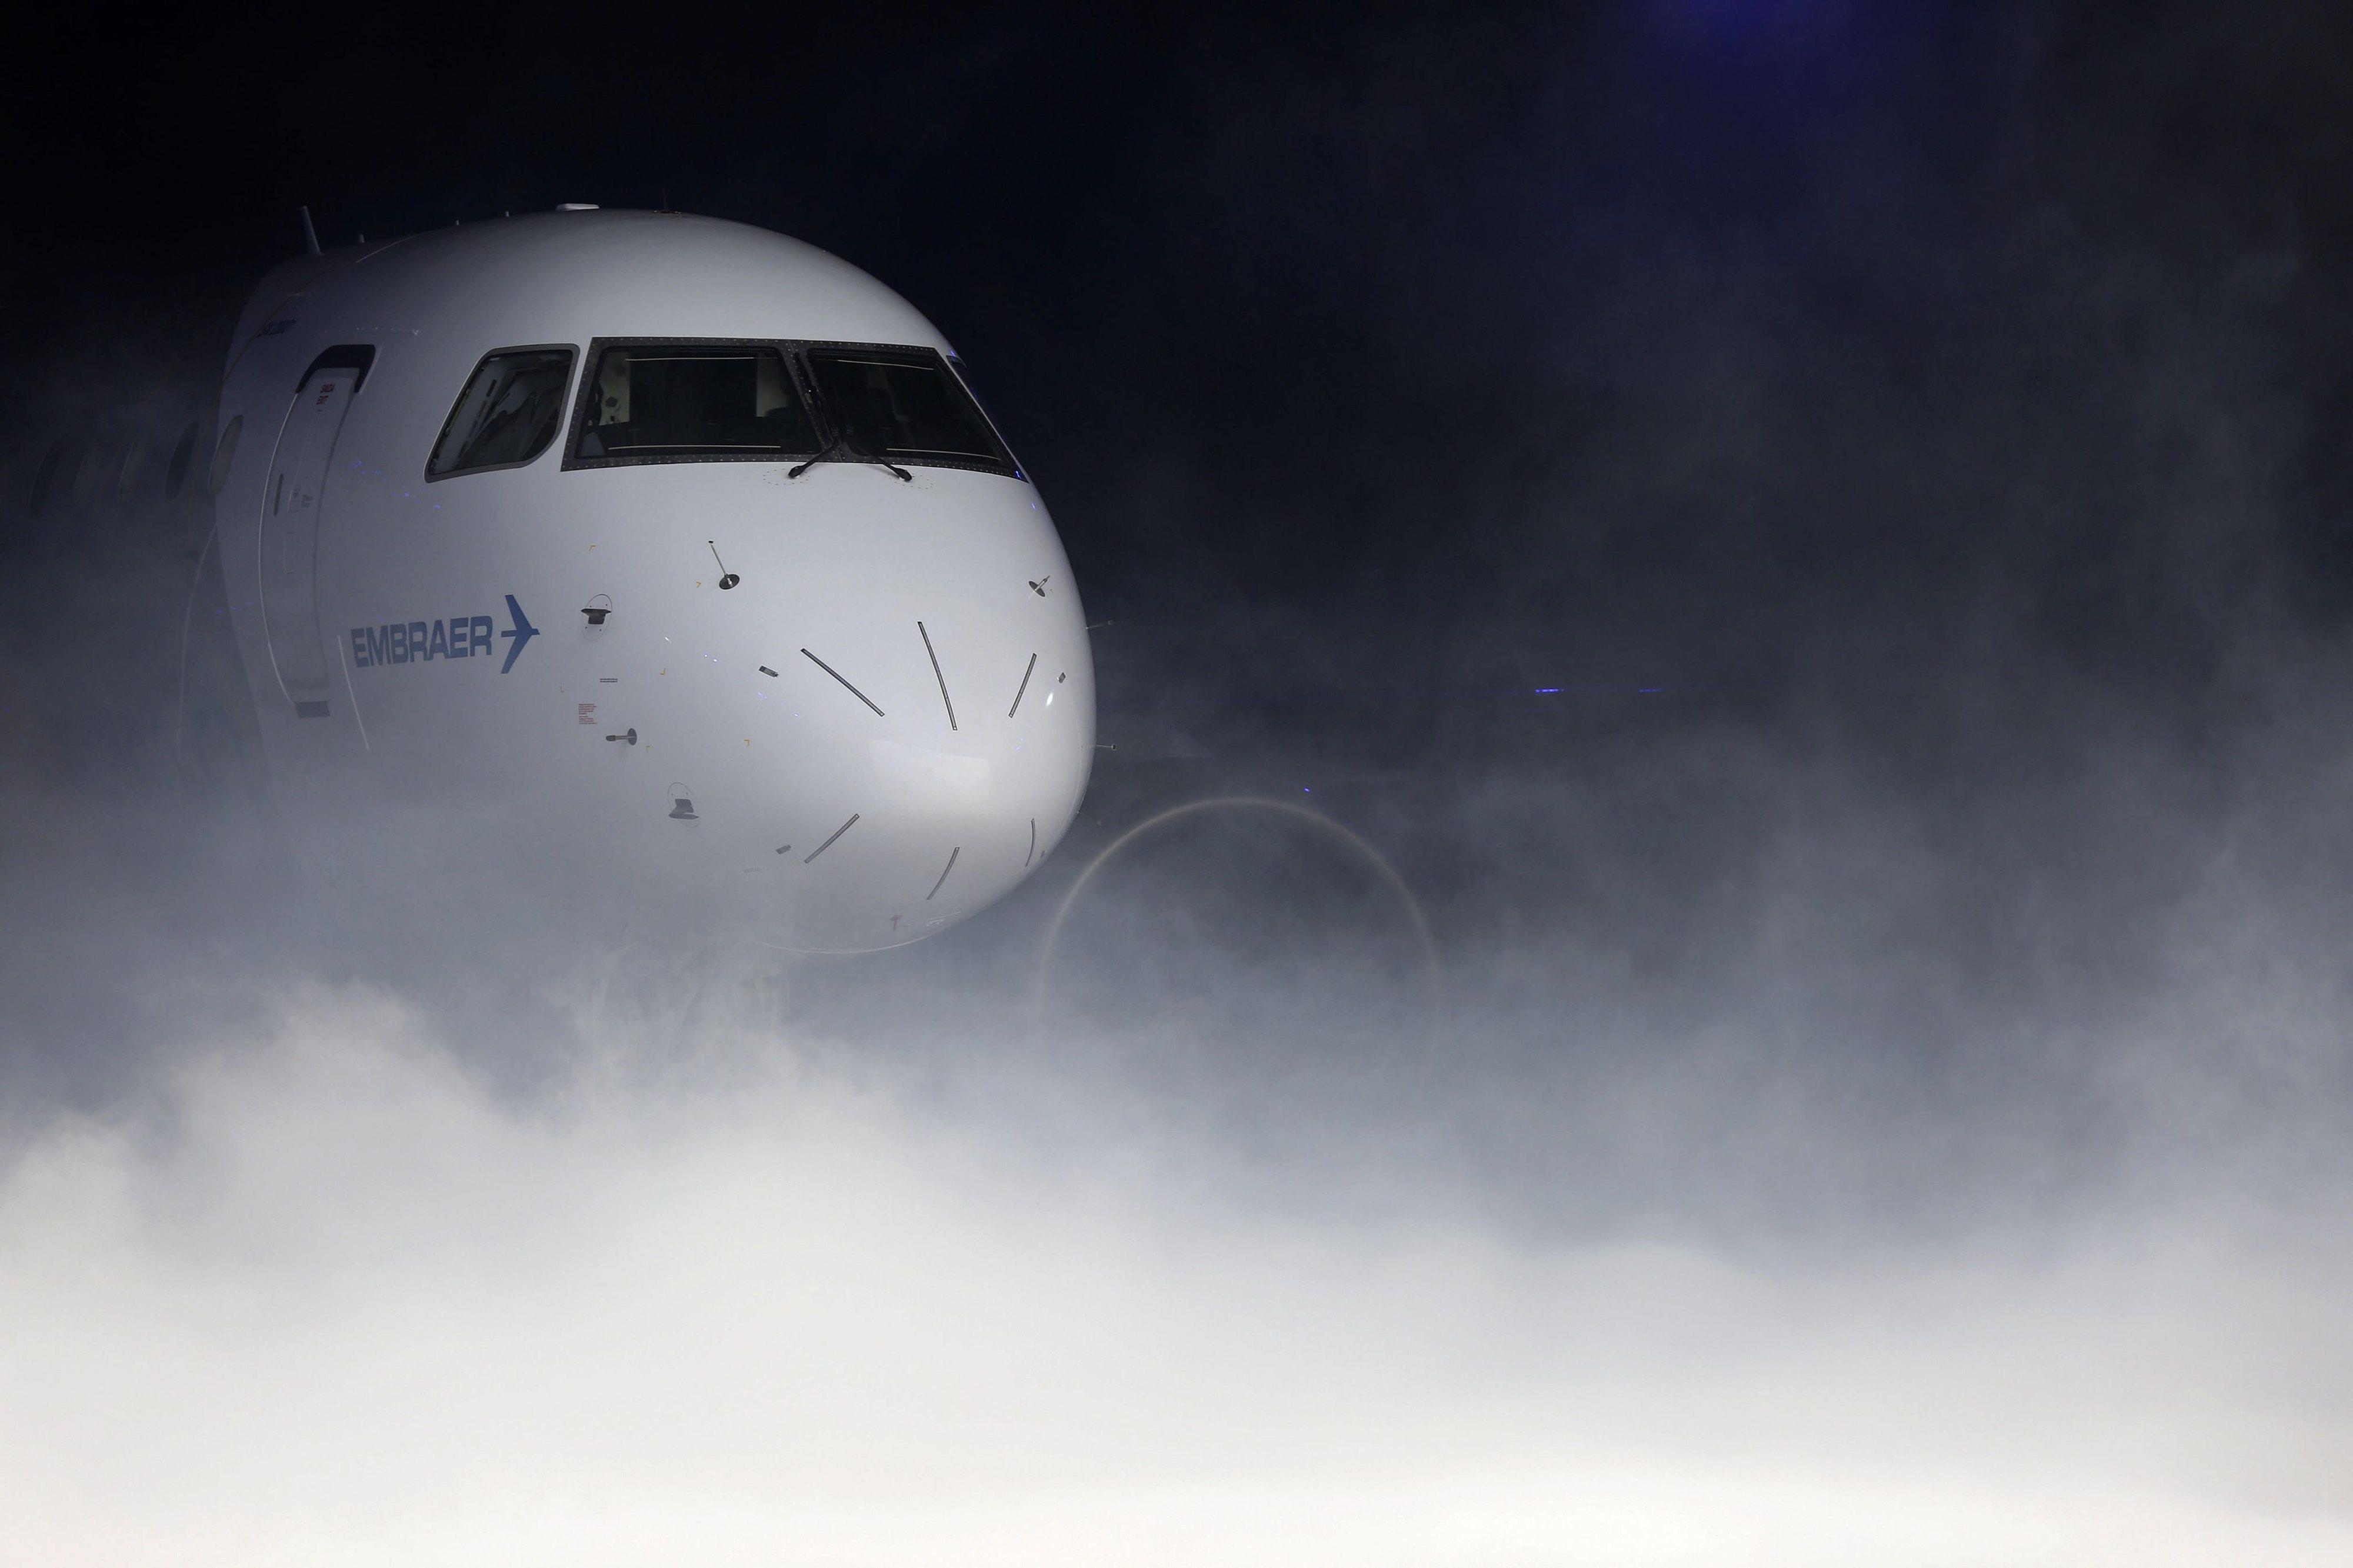 Embraer prevê procura de 10.550 aeronaves com até 150 lugares nos próximos 20 anos